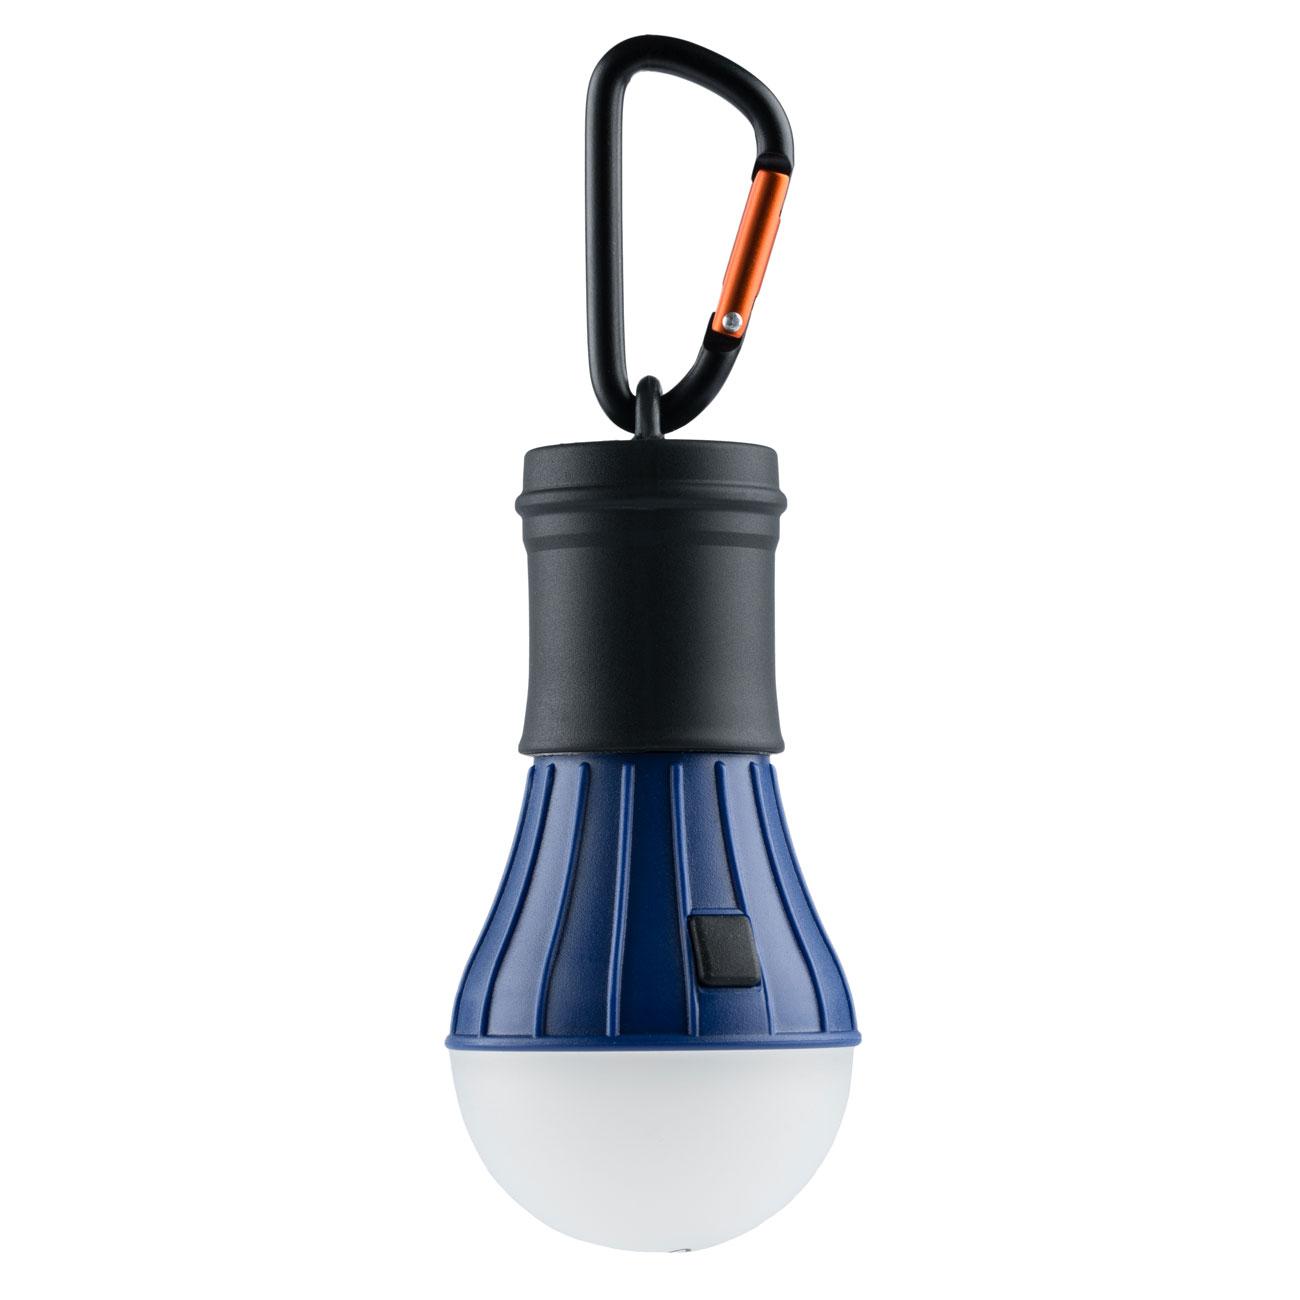 ace camp zelt led lampe mit karabinerhaken blau g nstig kaufen kotte zeller. Black Bedroom Furniture Sets. Home Design Ideas